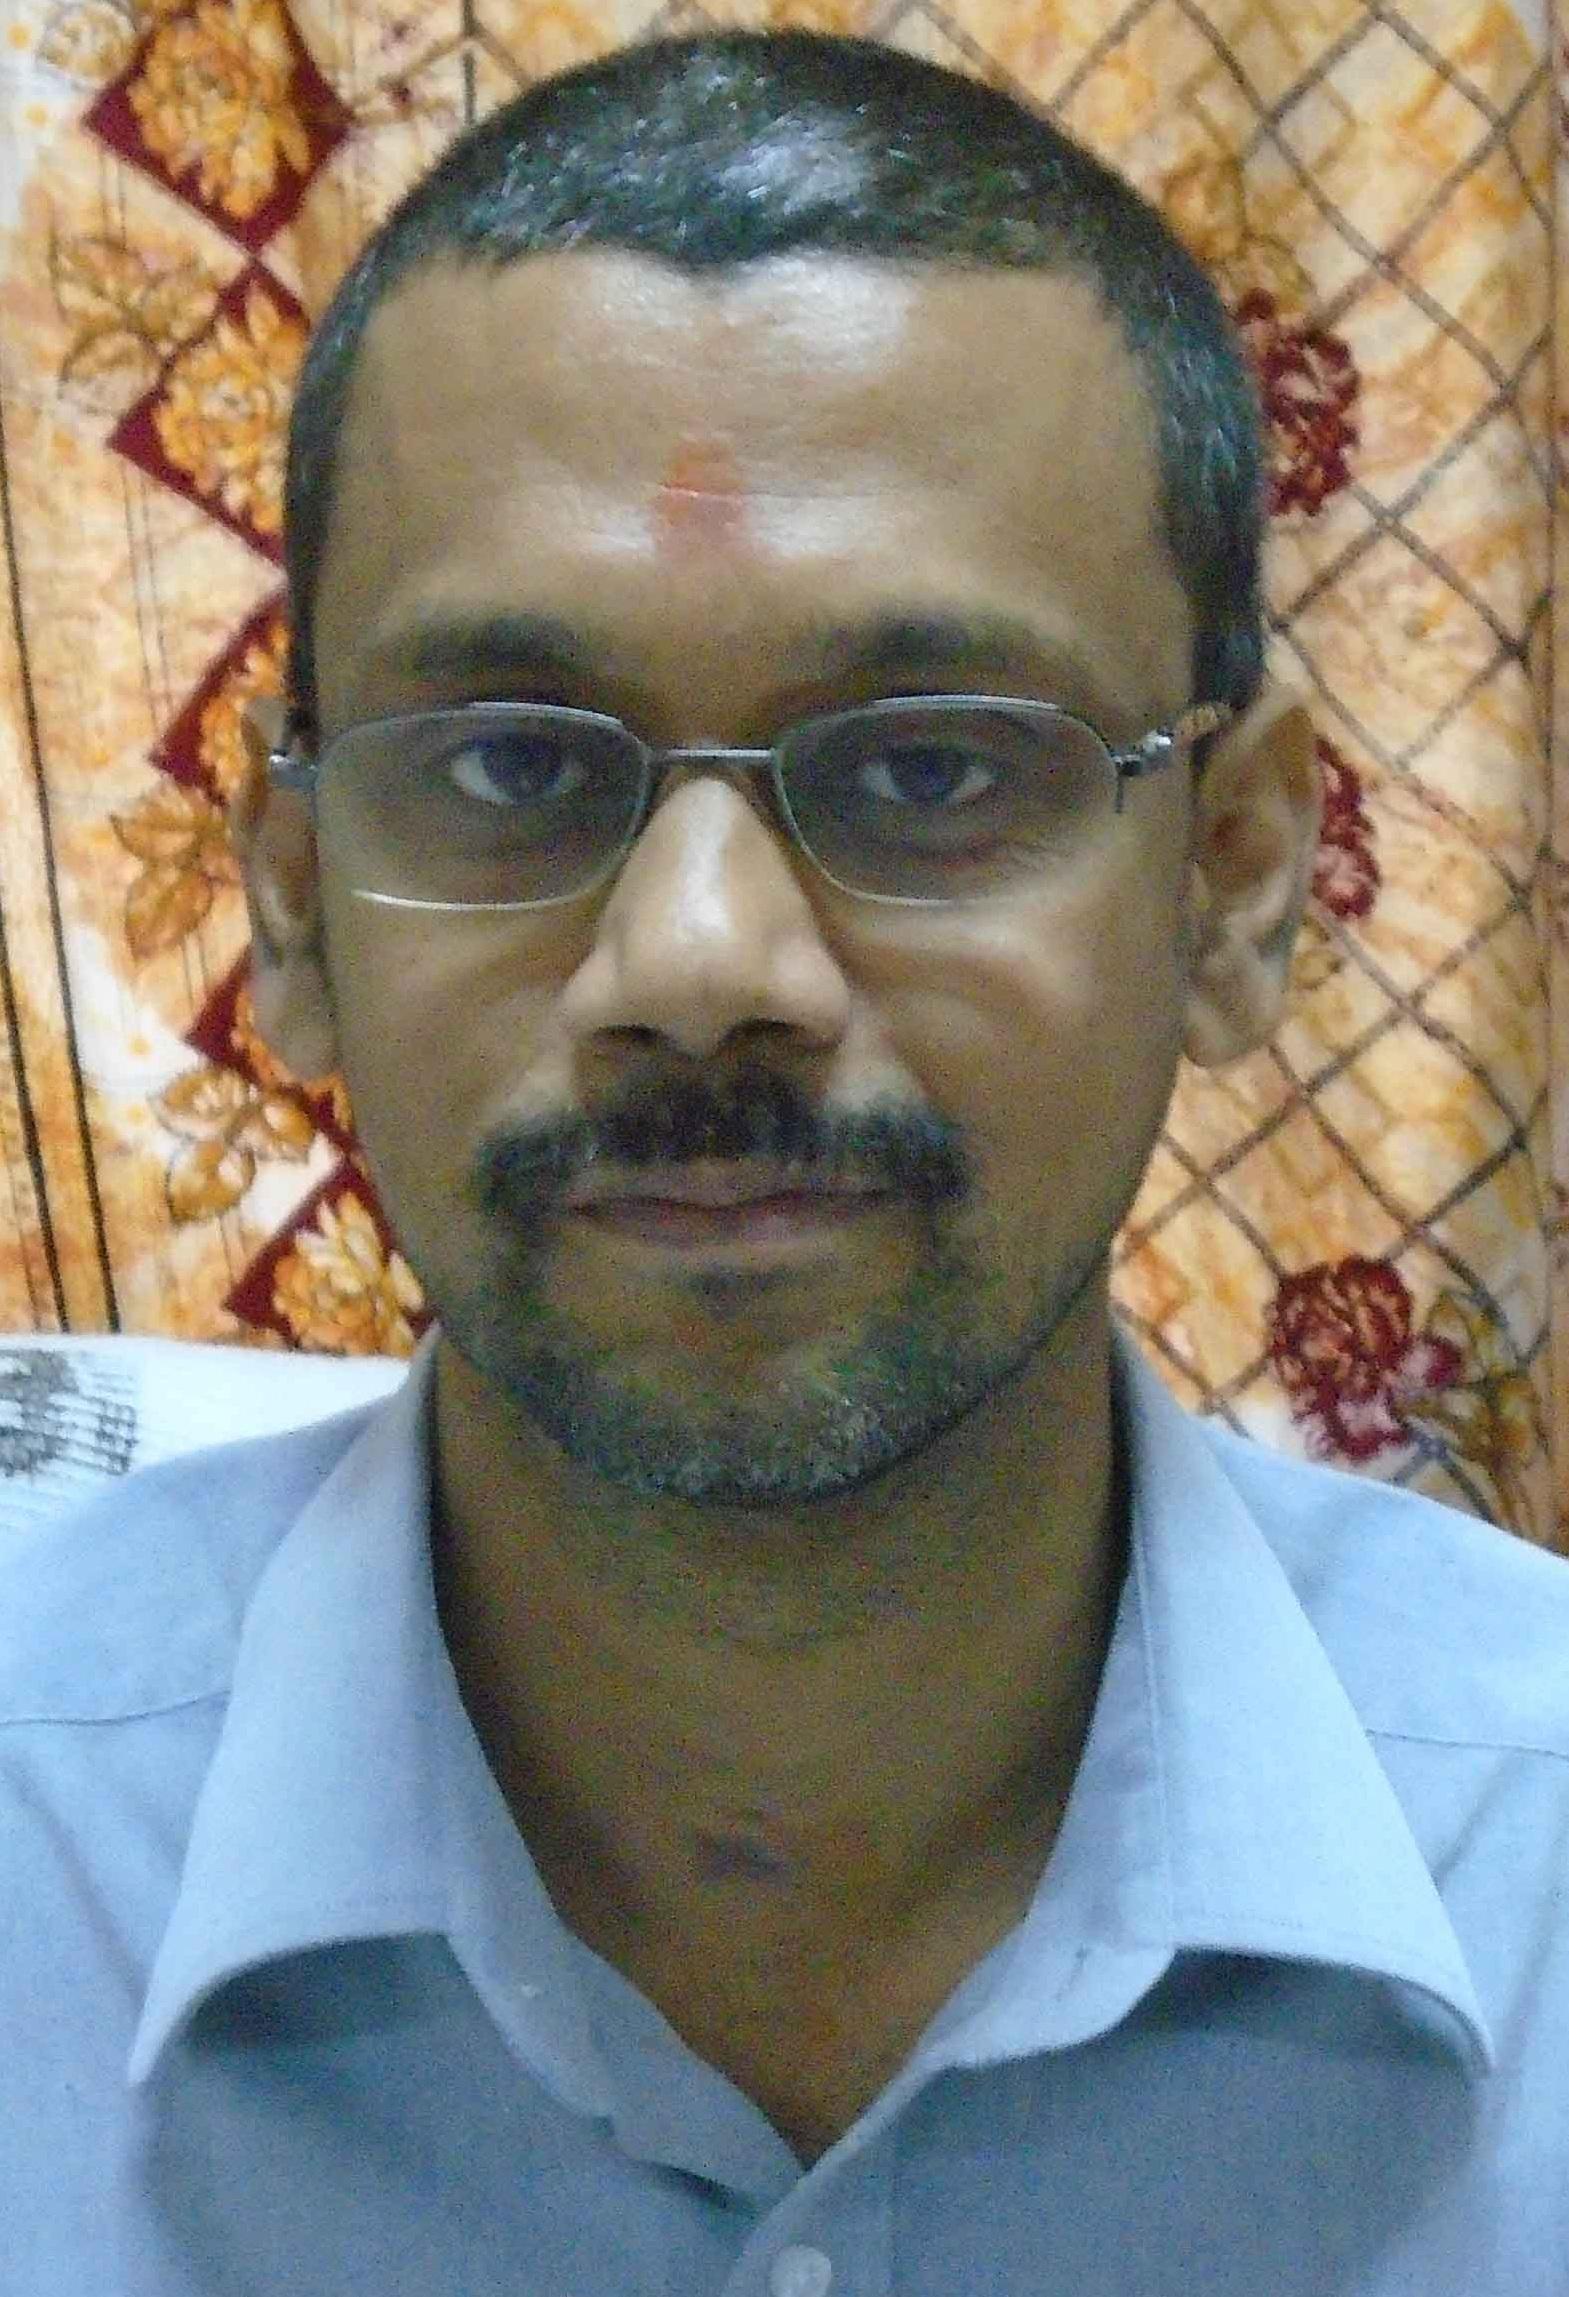 டாக்டர் கோபாலகிருஷ்ணன்